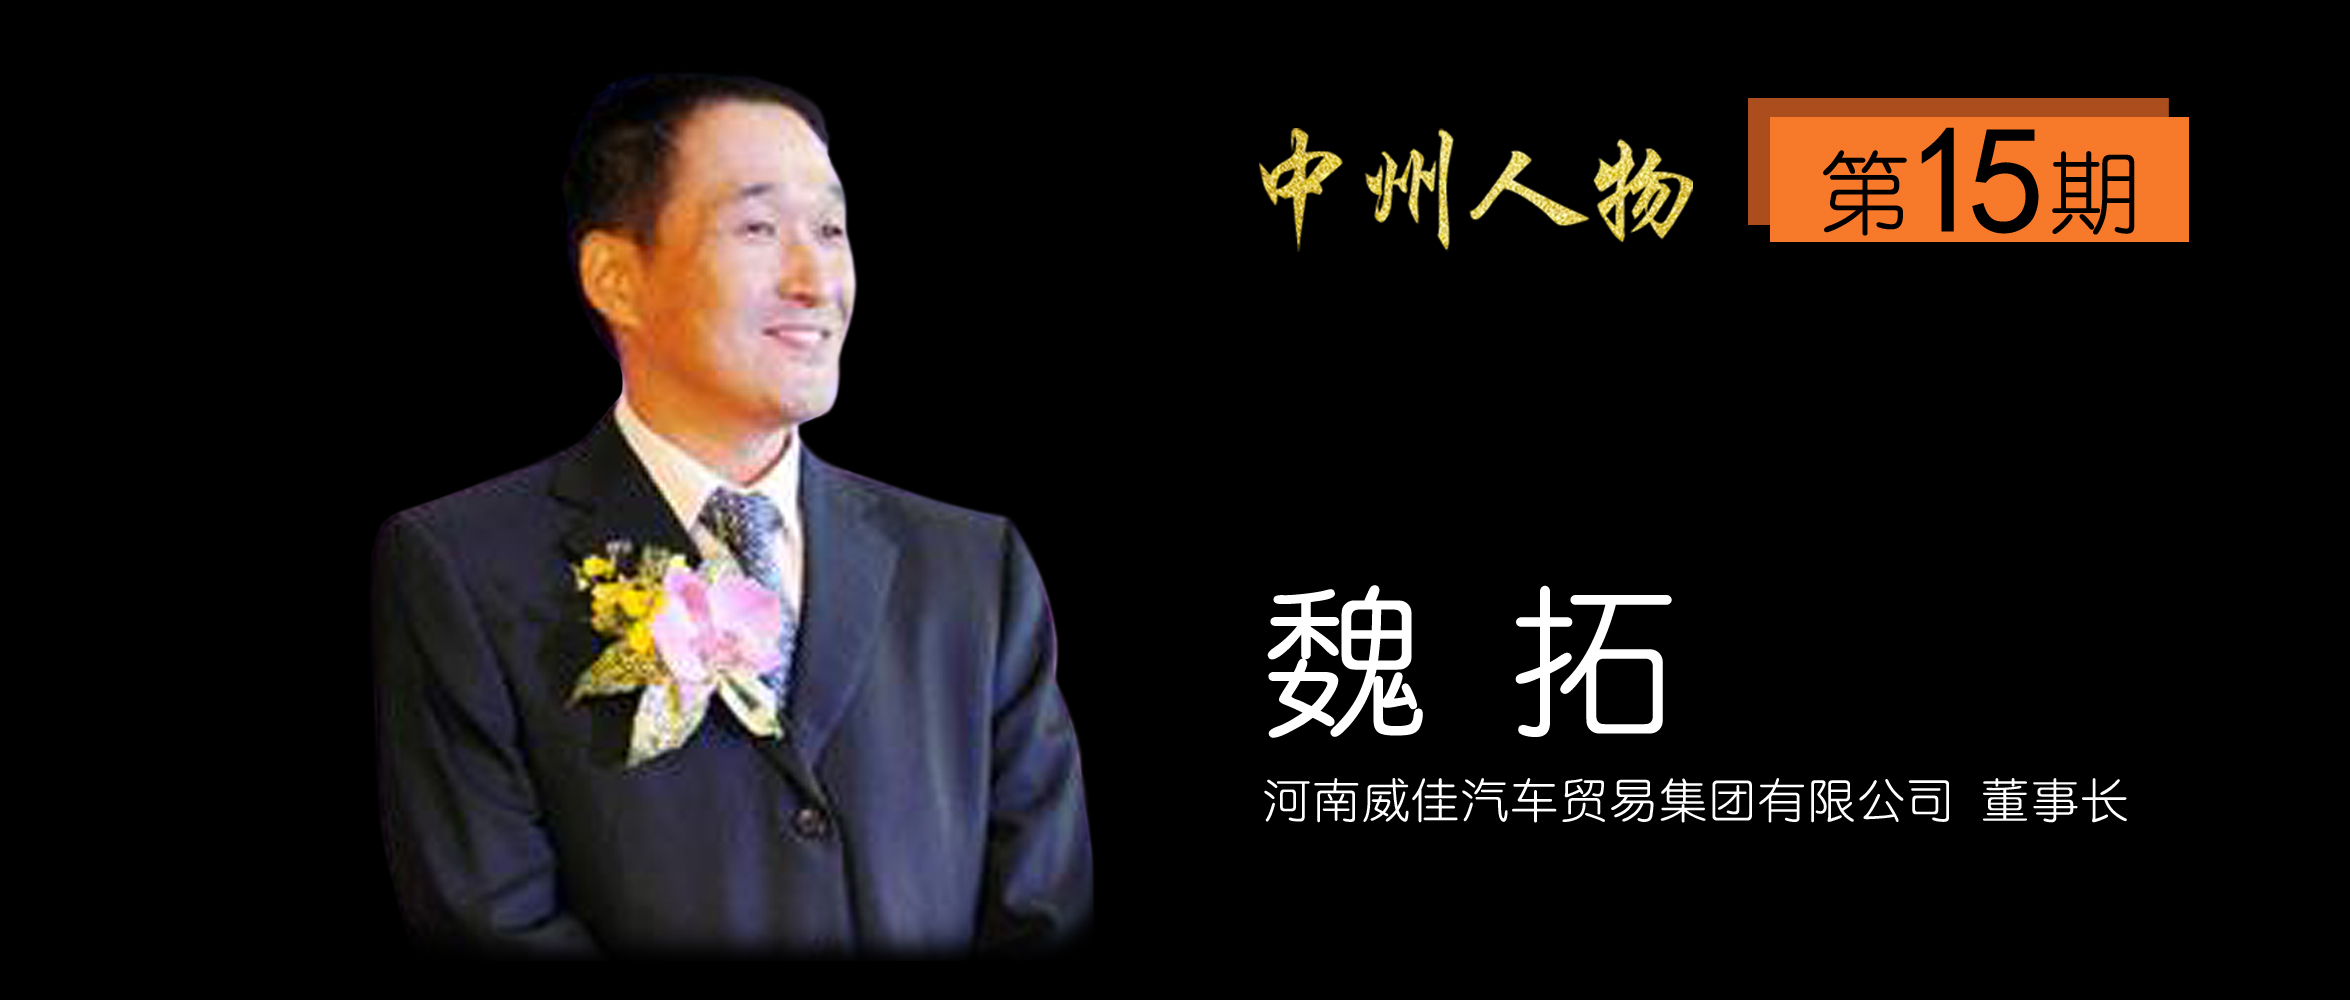 威佳董事长_威佳集团董事长魏拓